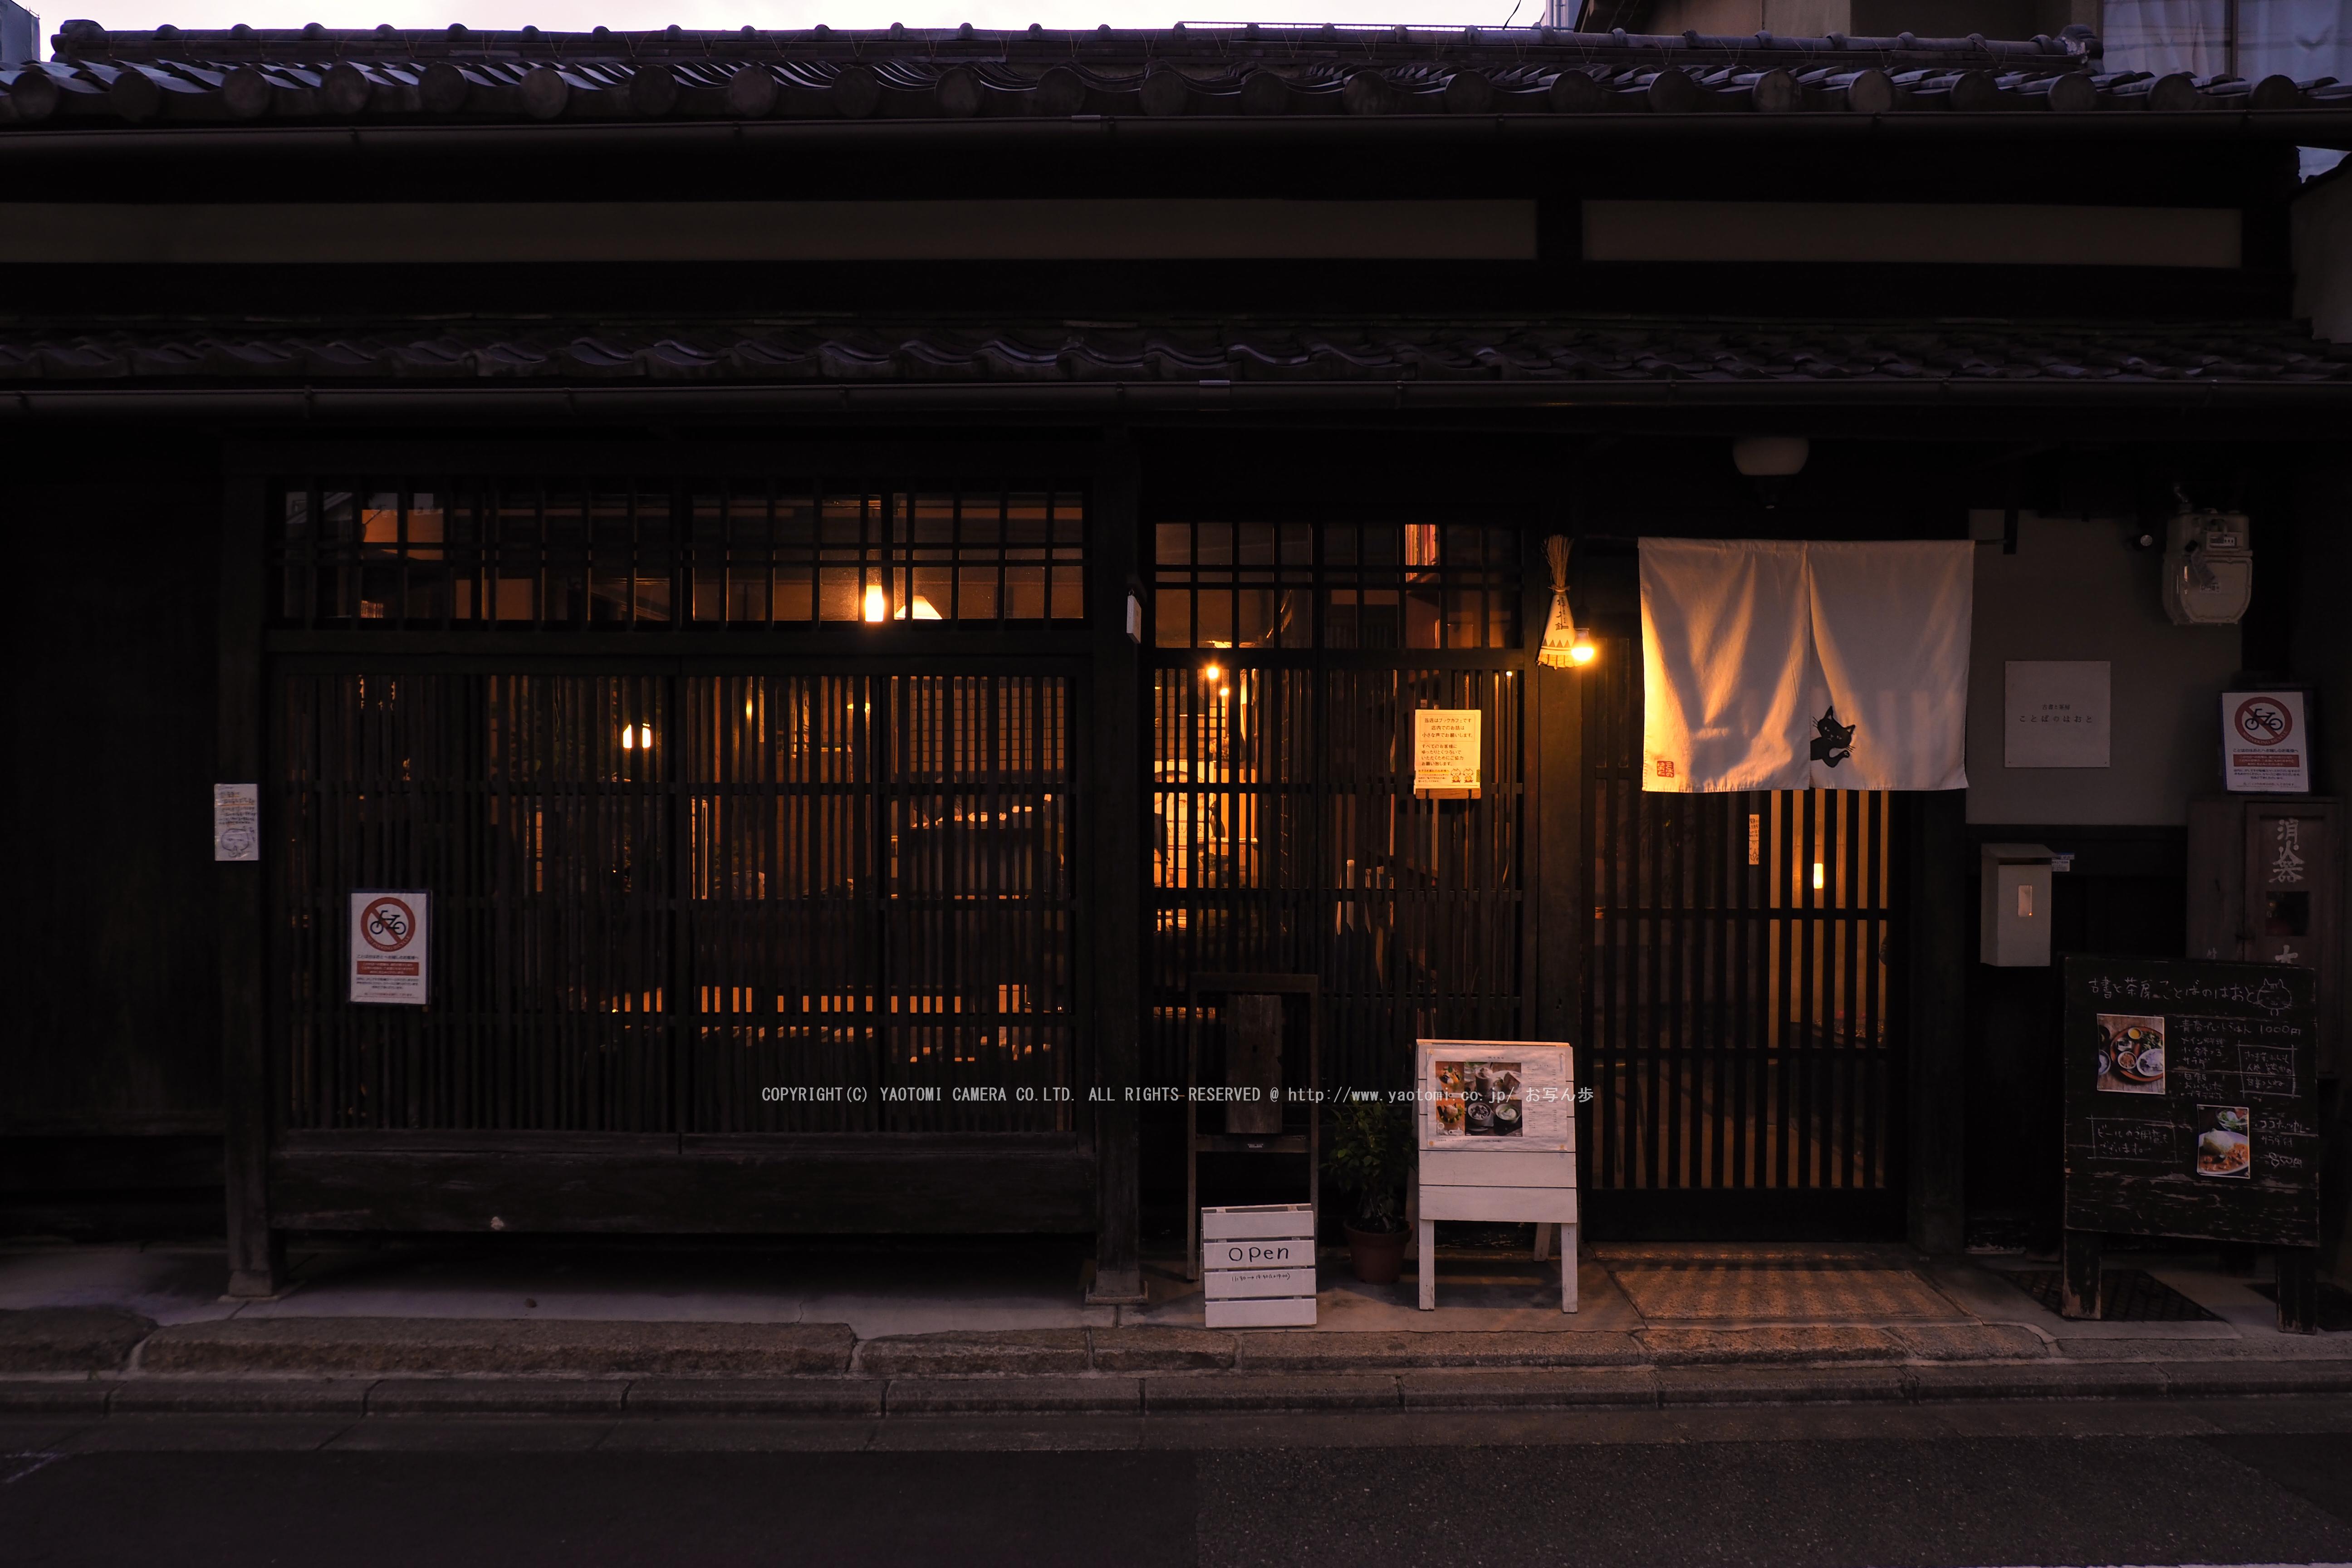 http://www.yaotomi.co.jp/blog/walk/%E3%81%93%E3%81%A8%E3%81%B0%E3%81%AE%E3%81%AF%E3%81%8A%E3%81%A8%28PB300281%2C13%20mm%2CF4%2Ciso200%292016yaotomi%201.jpg